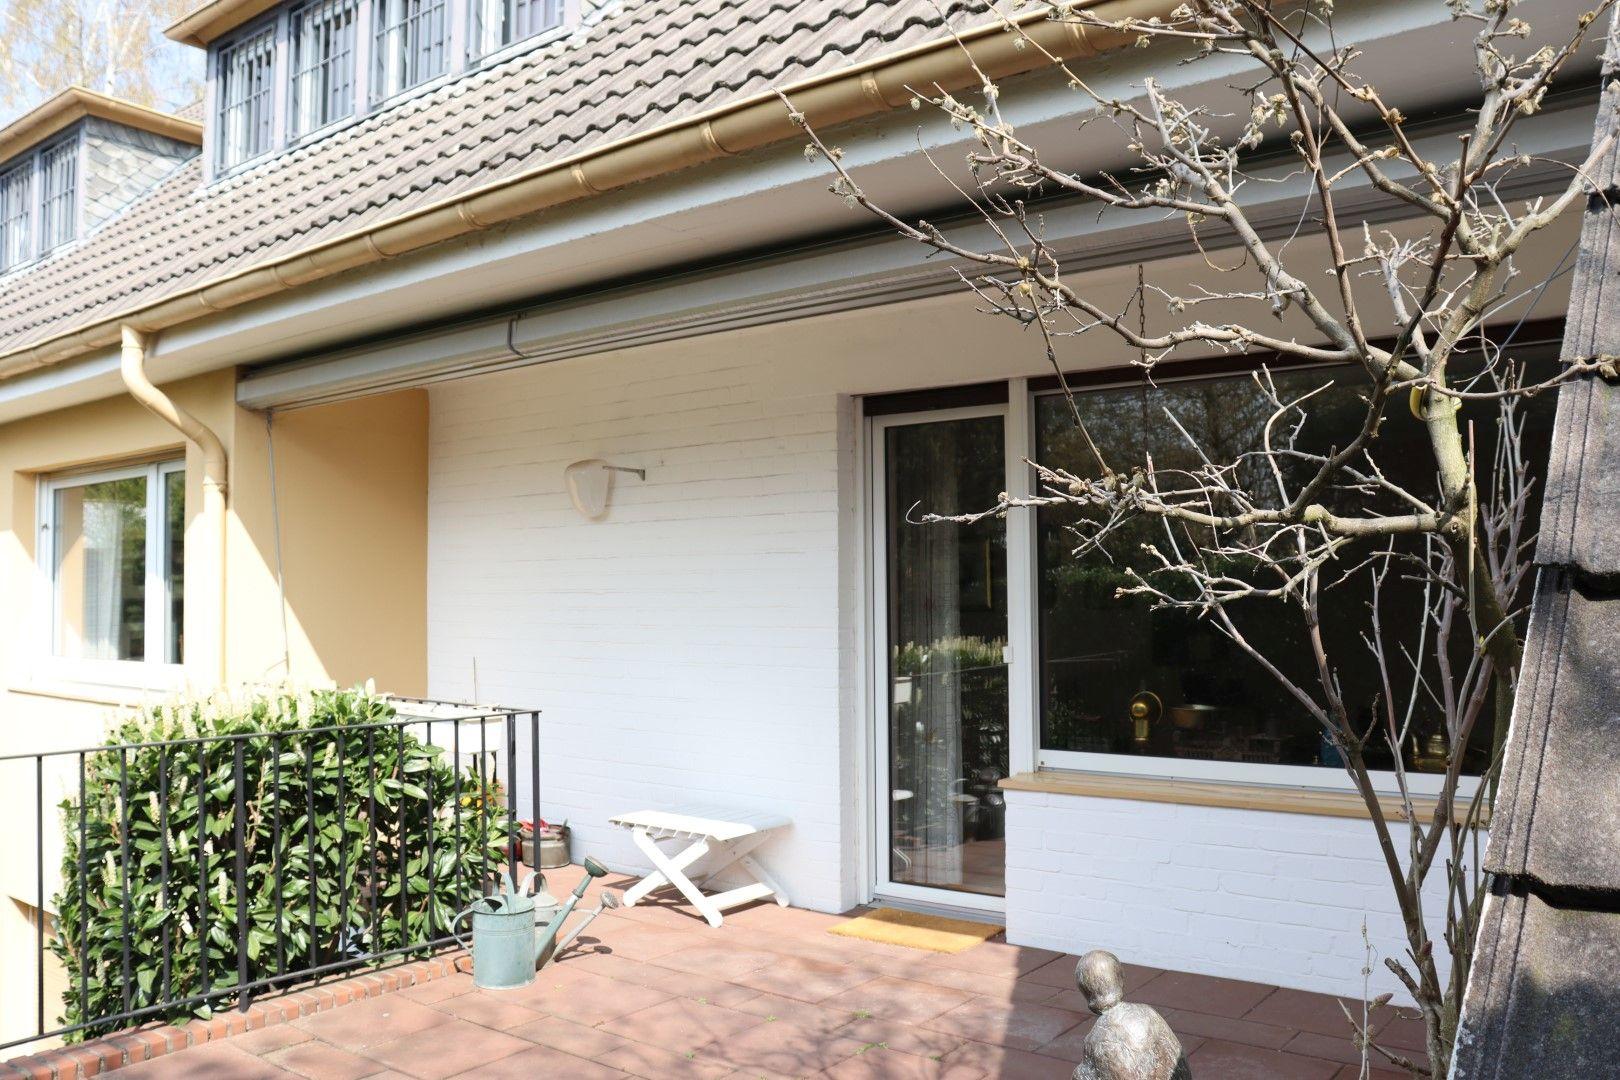 Immobilie Nr.0296 - Grundstück mit 2 DHH und 2 Garagen  - Bild 4.jpg